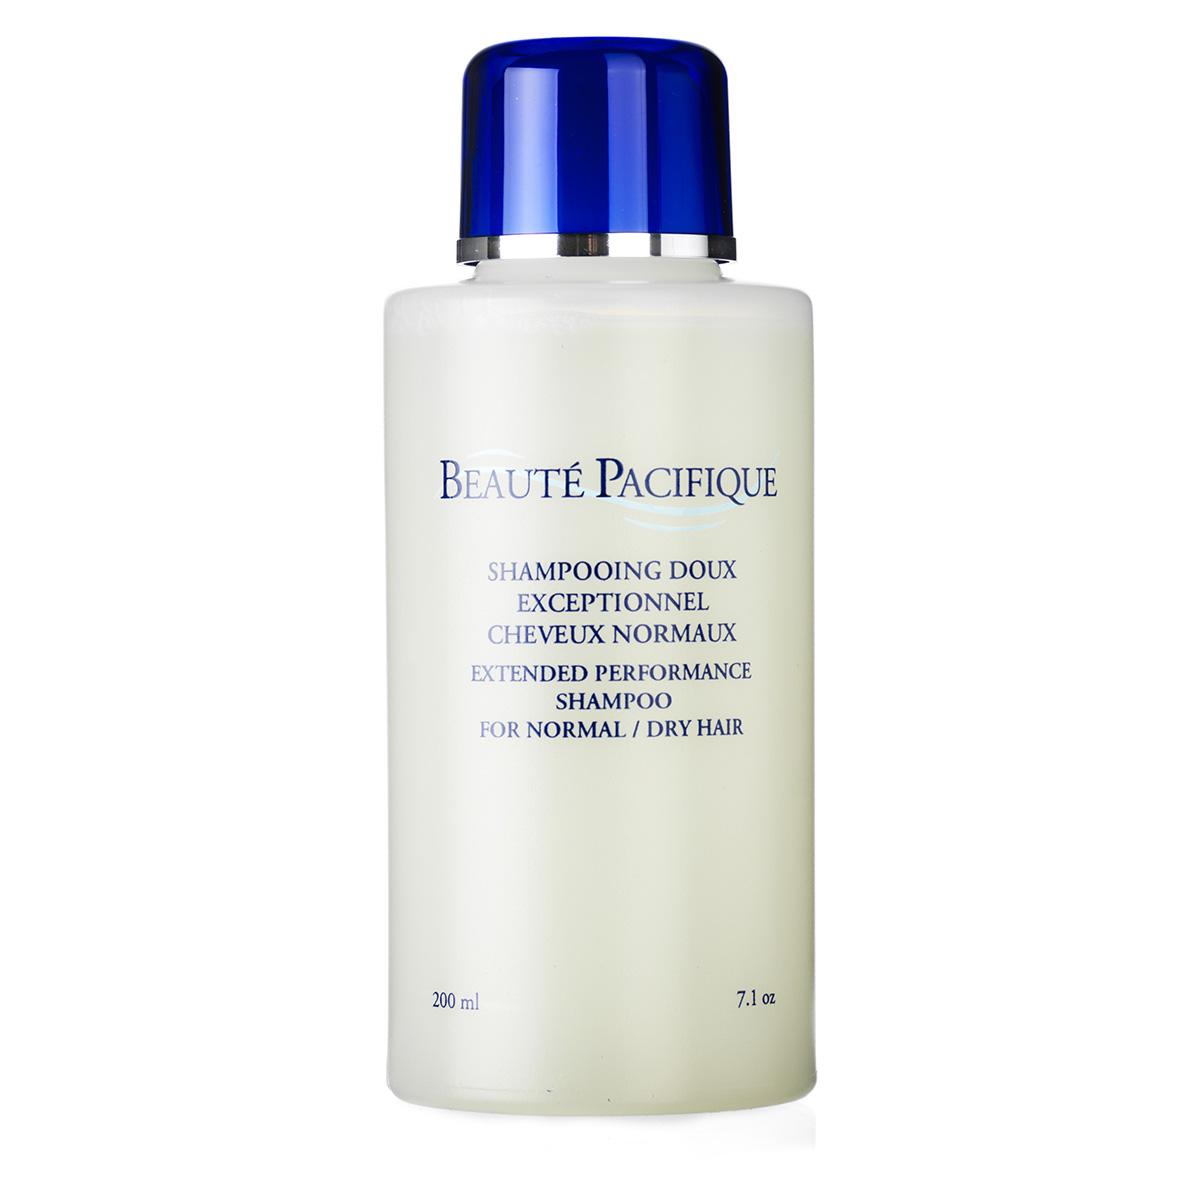 Billede af Beauté Pacifique shampoo - 200 ml